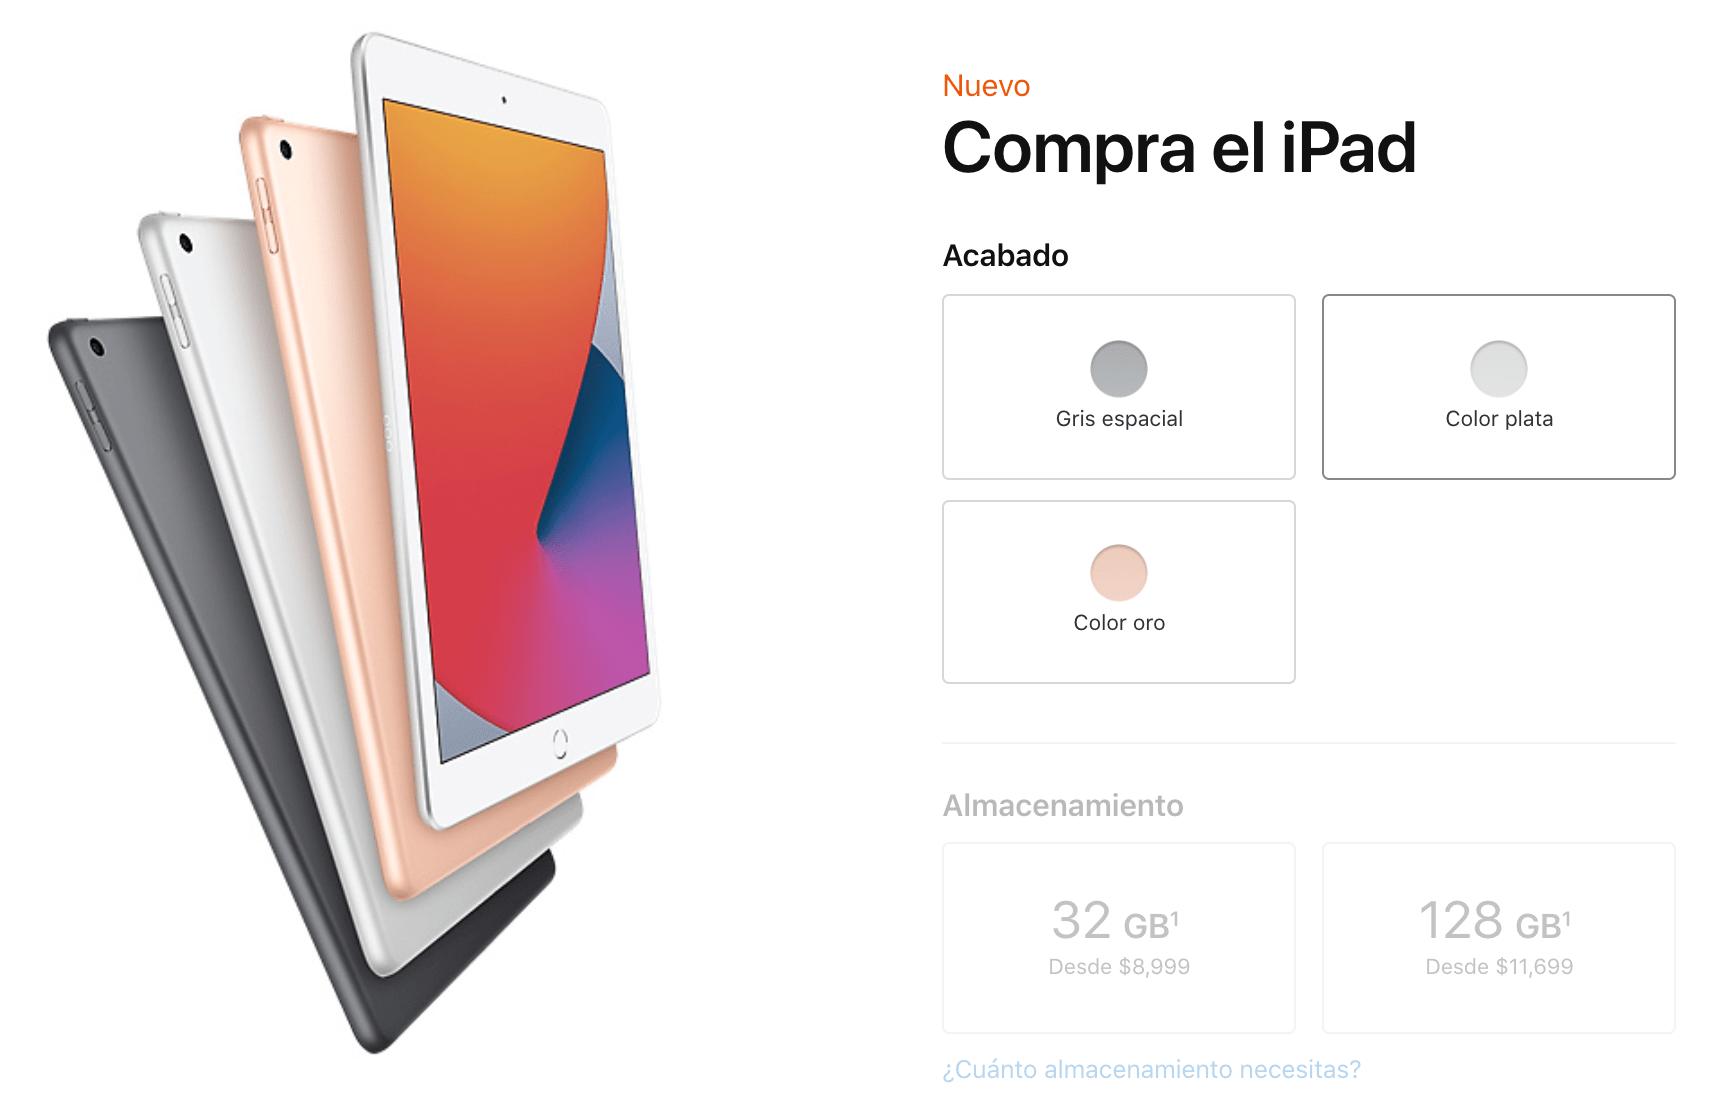 precio del ipad en México